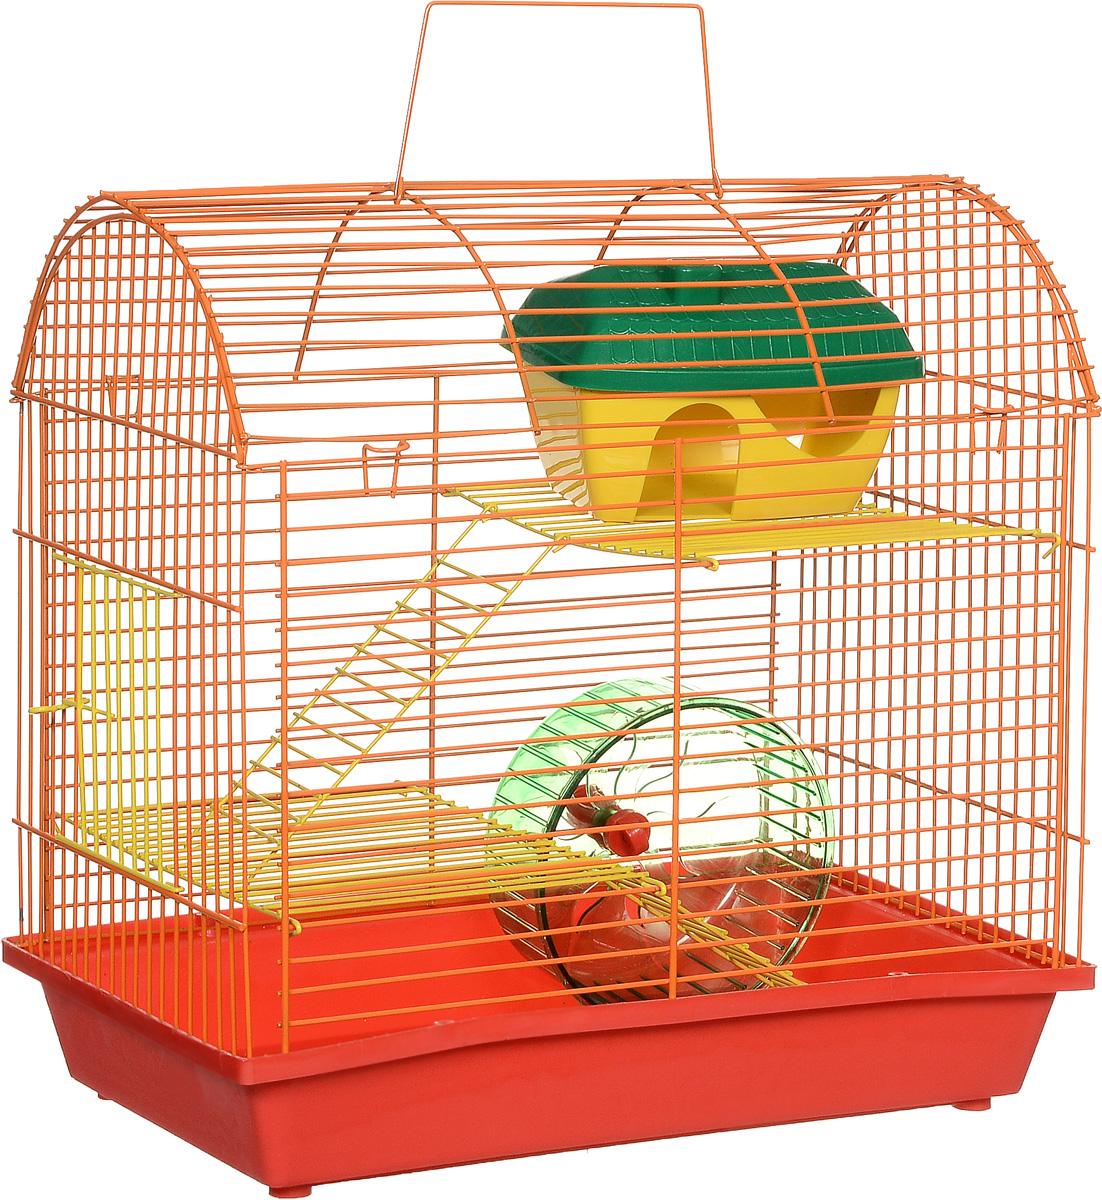 Клетка для грызунов ЗооМарк, 2-этажная, цвет: красный поддон, оранжевая решетка, желтые этажи, 37 х 23 х 35 см112жкКОКлетка ЗооМарк, выполненная из полипропилена и металла, подходит для мелких грызунов. Изделие двухэтажное, оборудовано колесом для подвижных игр и пластиковым домиком. Клетка имеет яркий поддон, удобна в использовании и легко чистится. Сверху имеется ручка для переноски. Такая клетка станет личным пространством и уютным домиком для маленького грызуна.